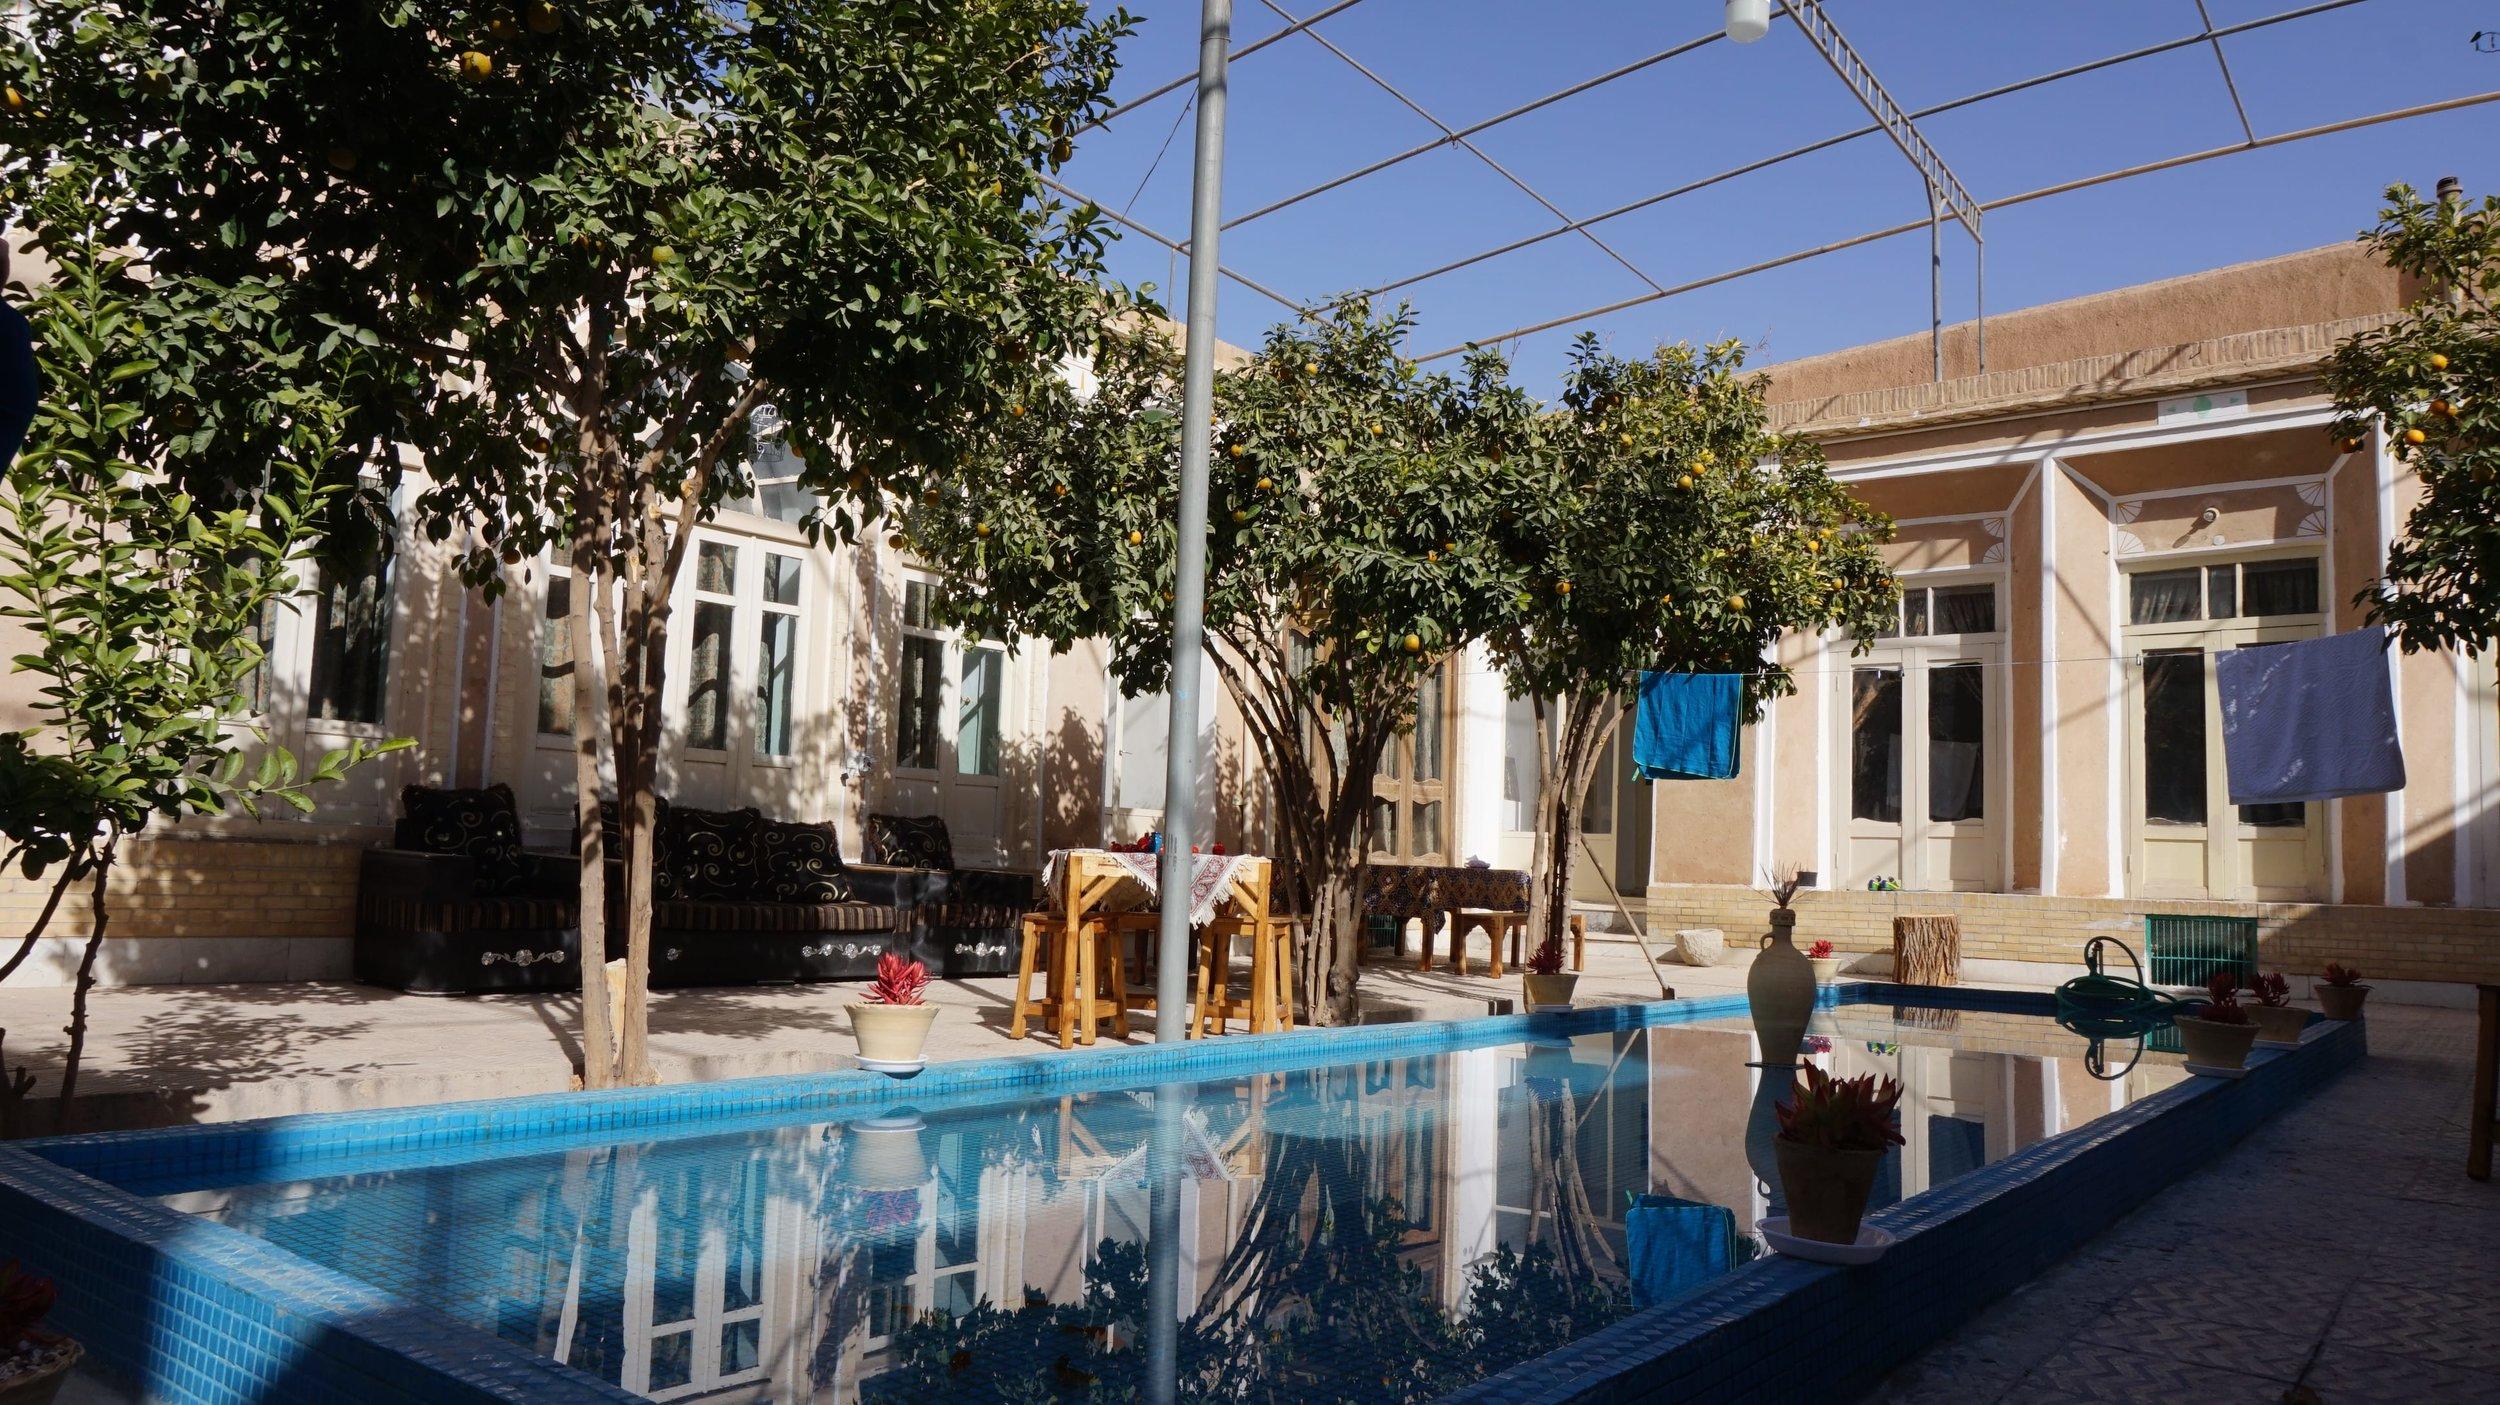 Yazd rest up hostel - best accommodation in Iran